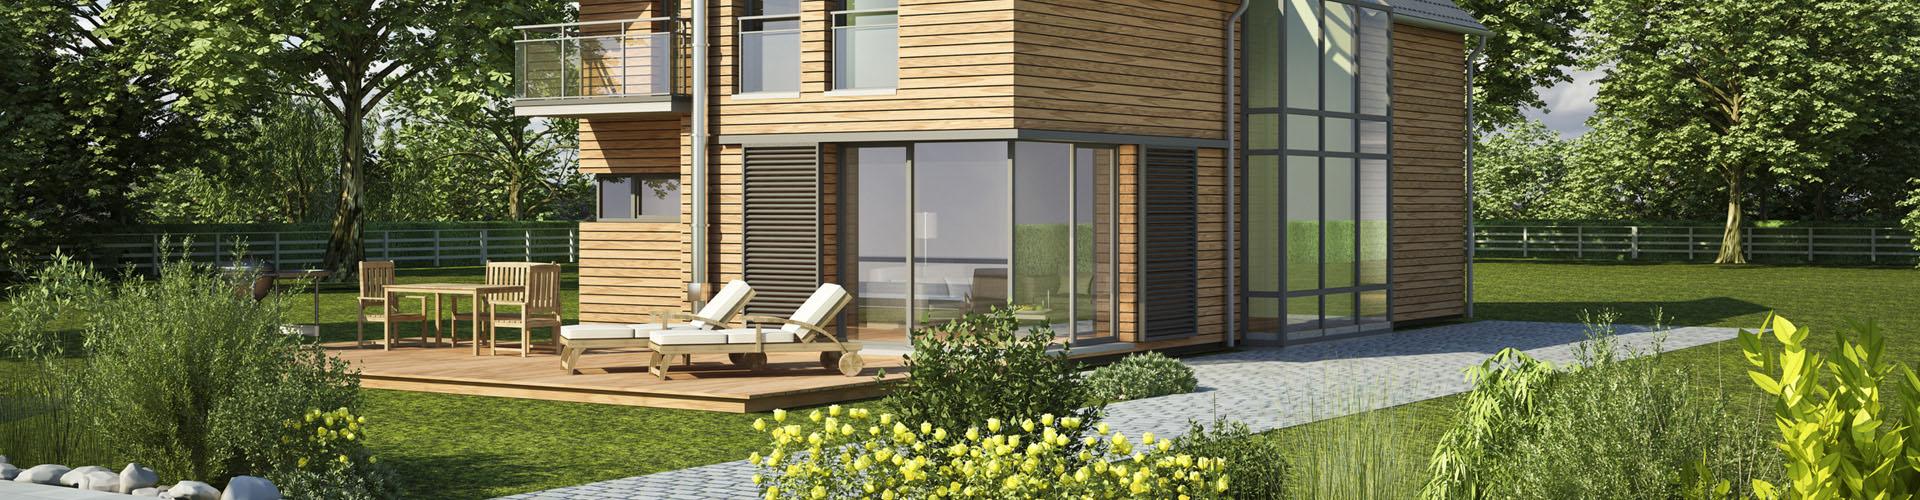 Case in legno redondo